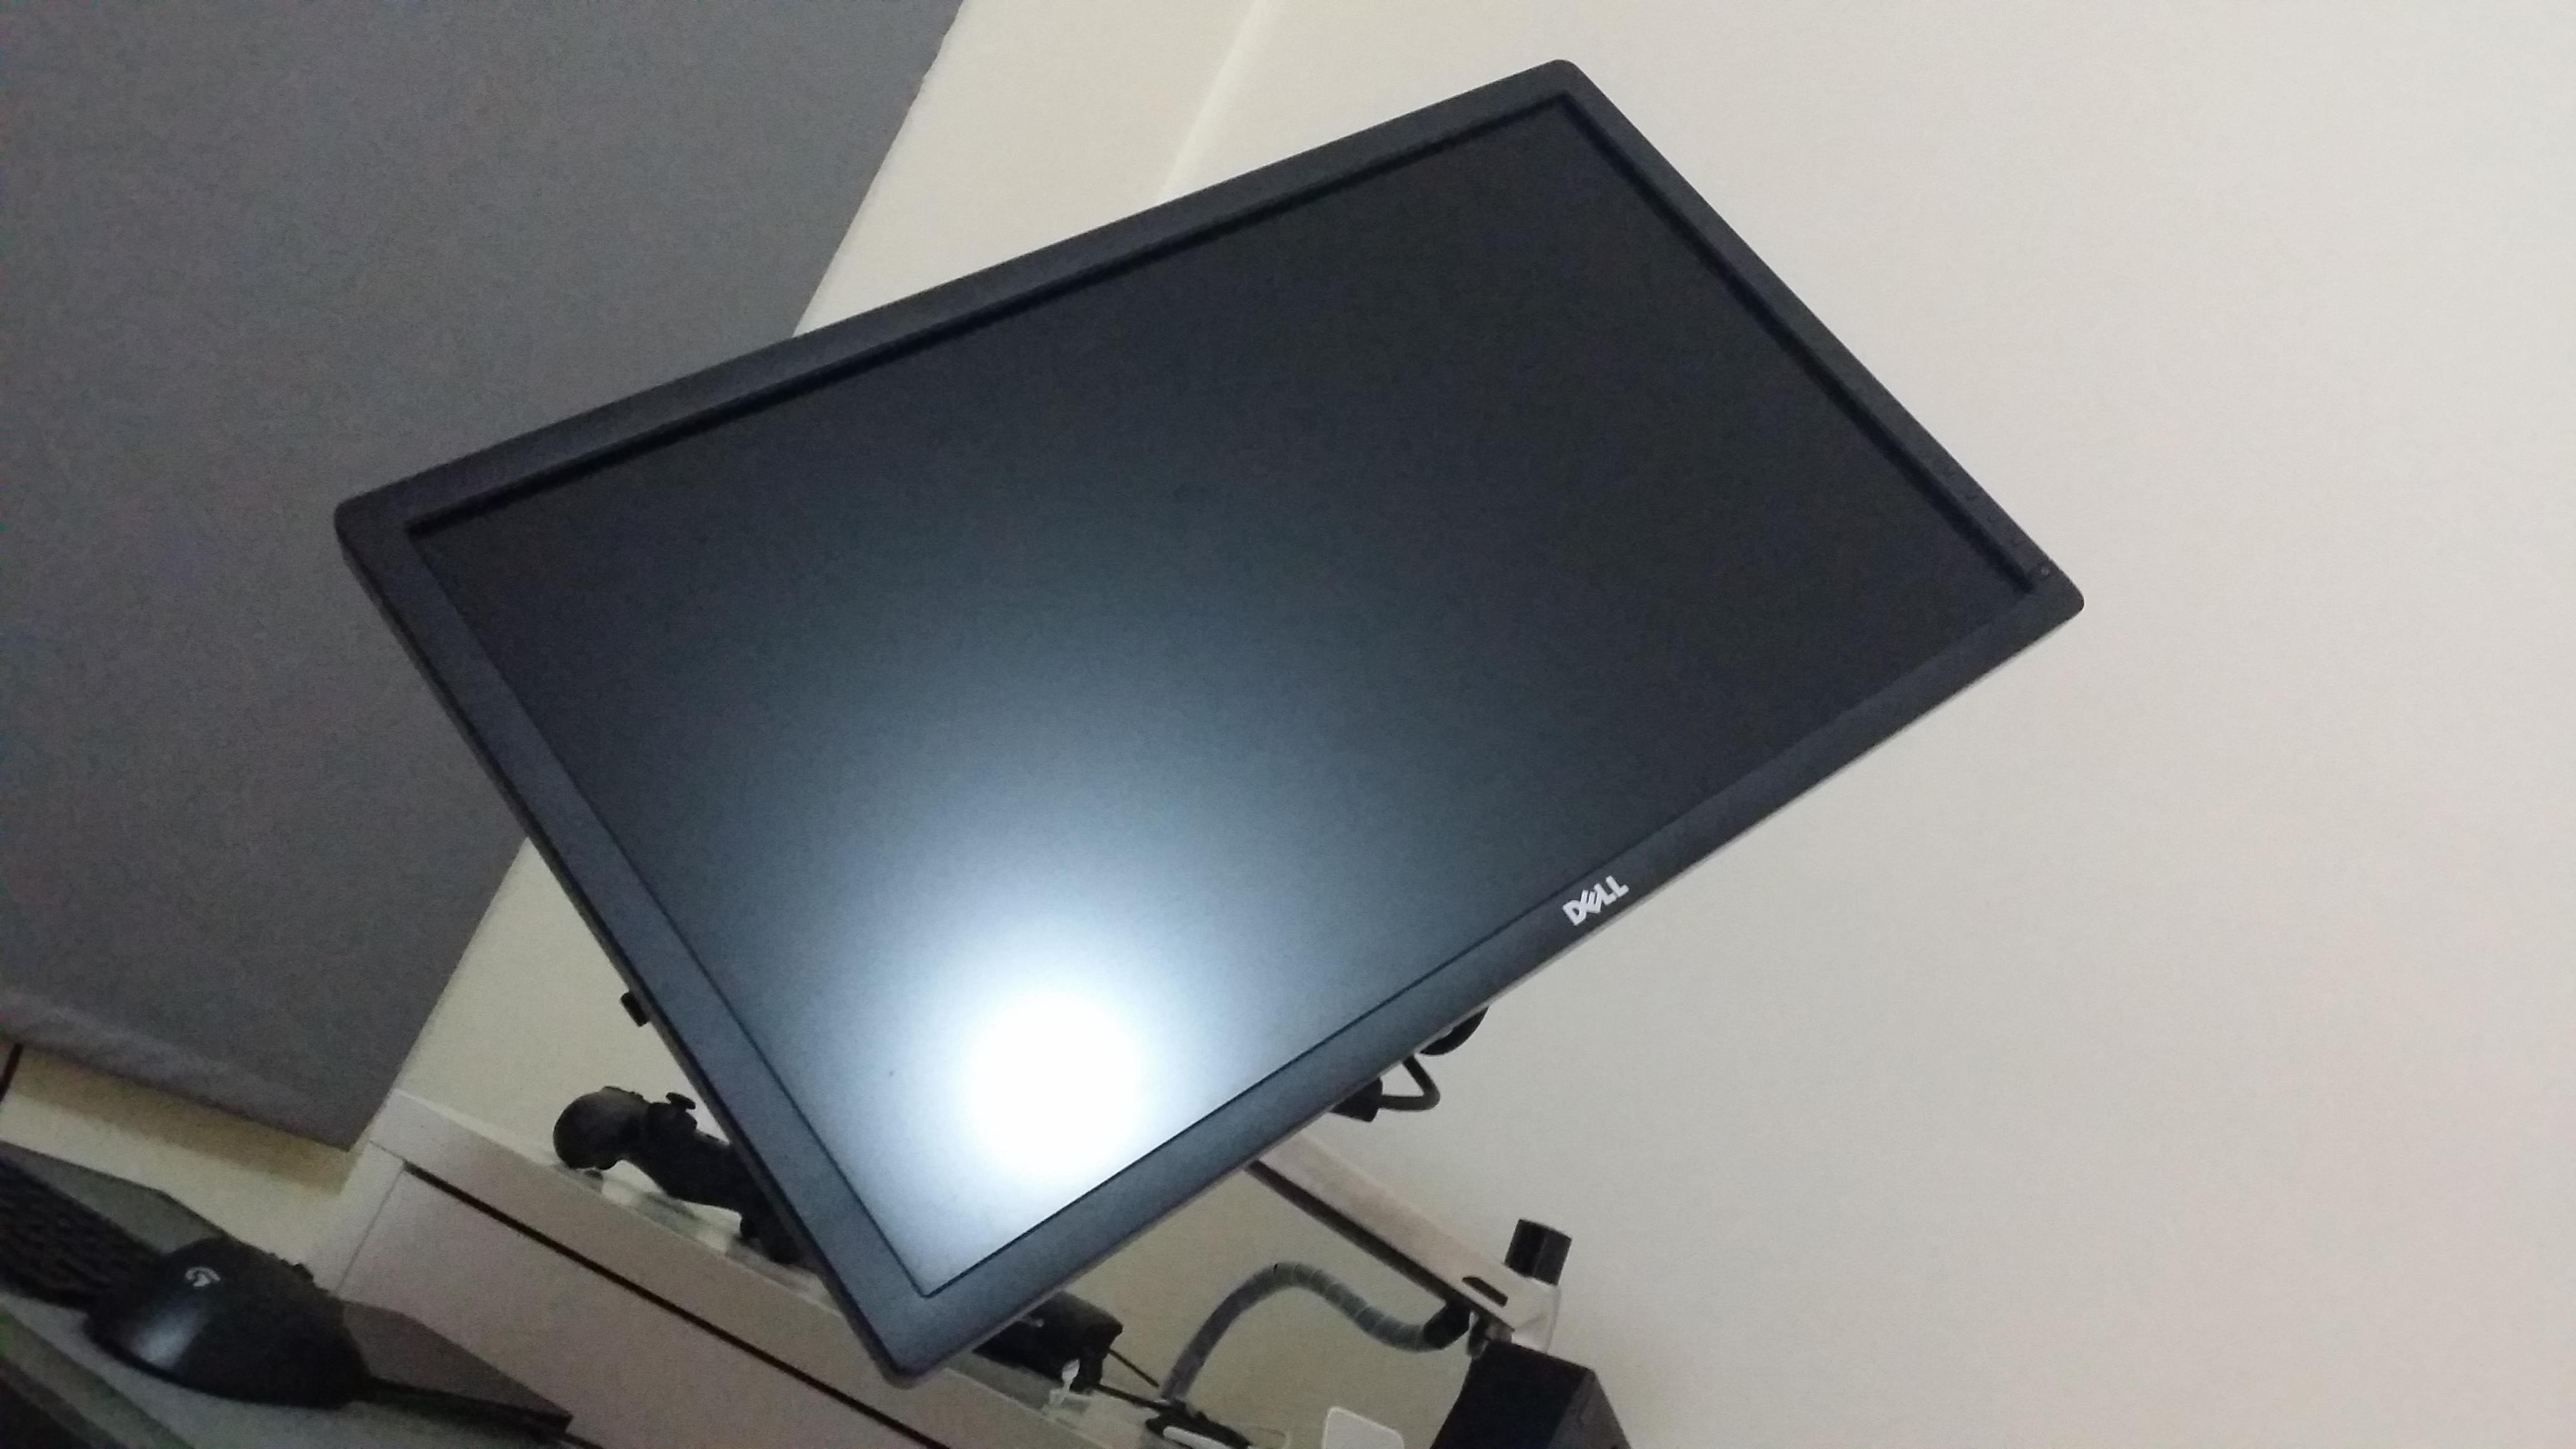 Dell U2713hm 27 Qwhd Monitor On Ergotron Lx Desk Mount